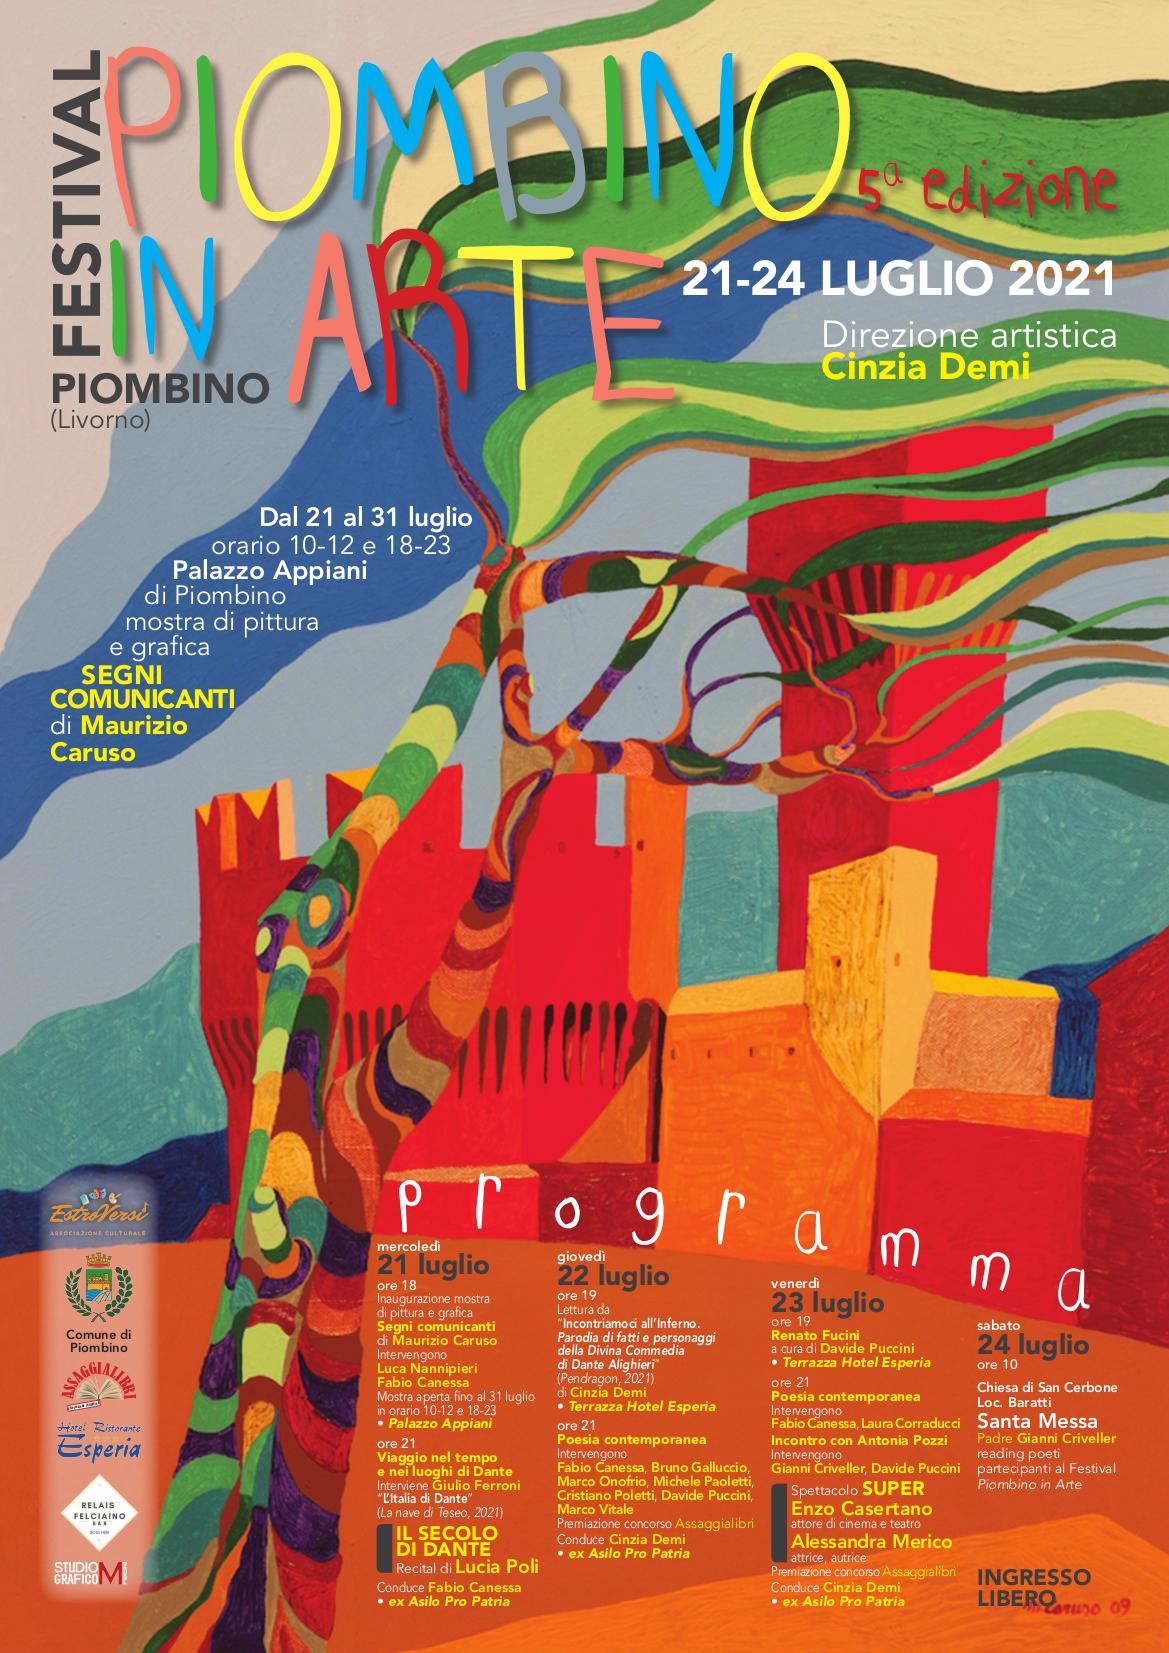 PIOMBINO IN ARTE, DAL 20 AL 24 LUGLIO GLI APPUNTAMENTI DELLA QUINTA EDIZIONE CON IL MEGLIO DELLA POESIA ITALIANA